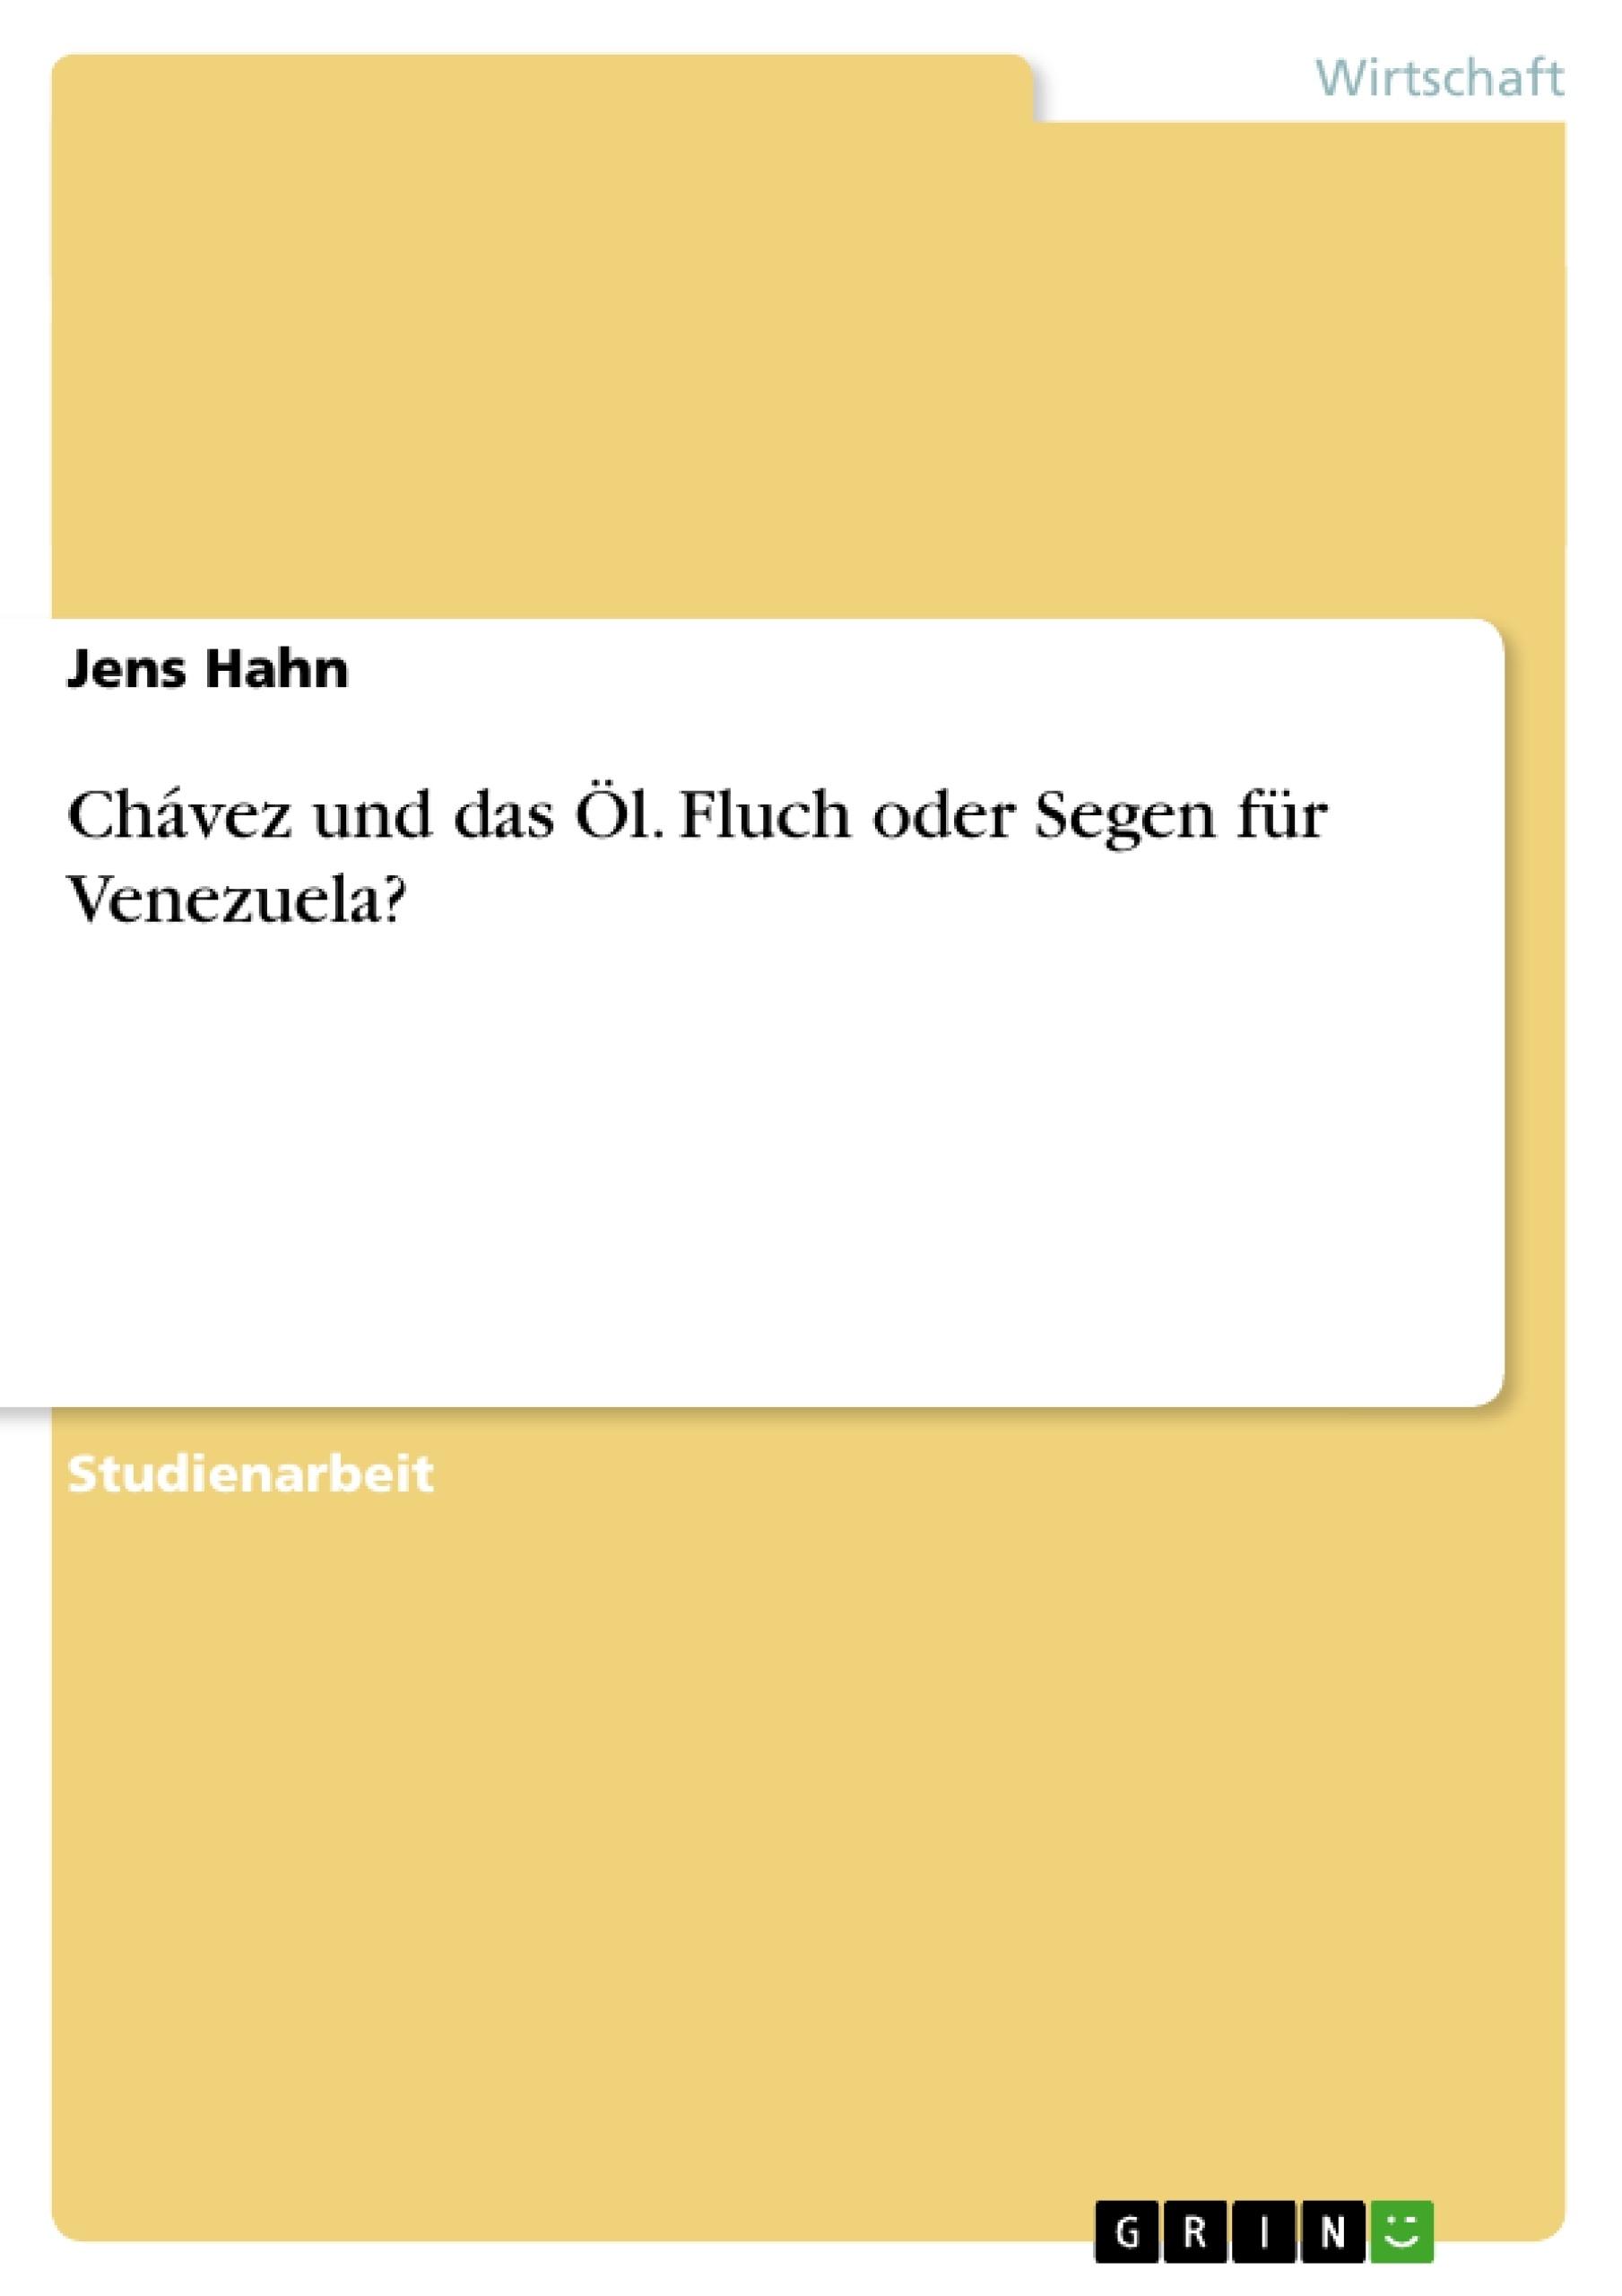 Titel: Chávez und das Öl. Fluch oder Segen für Venezuela?